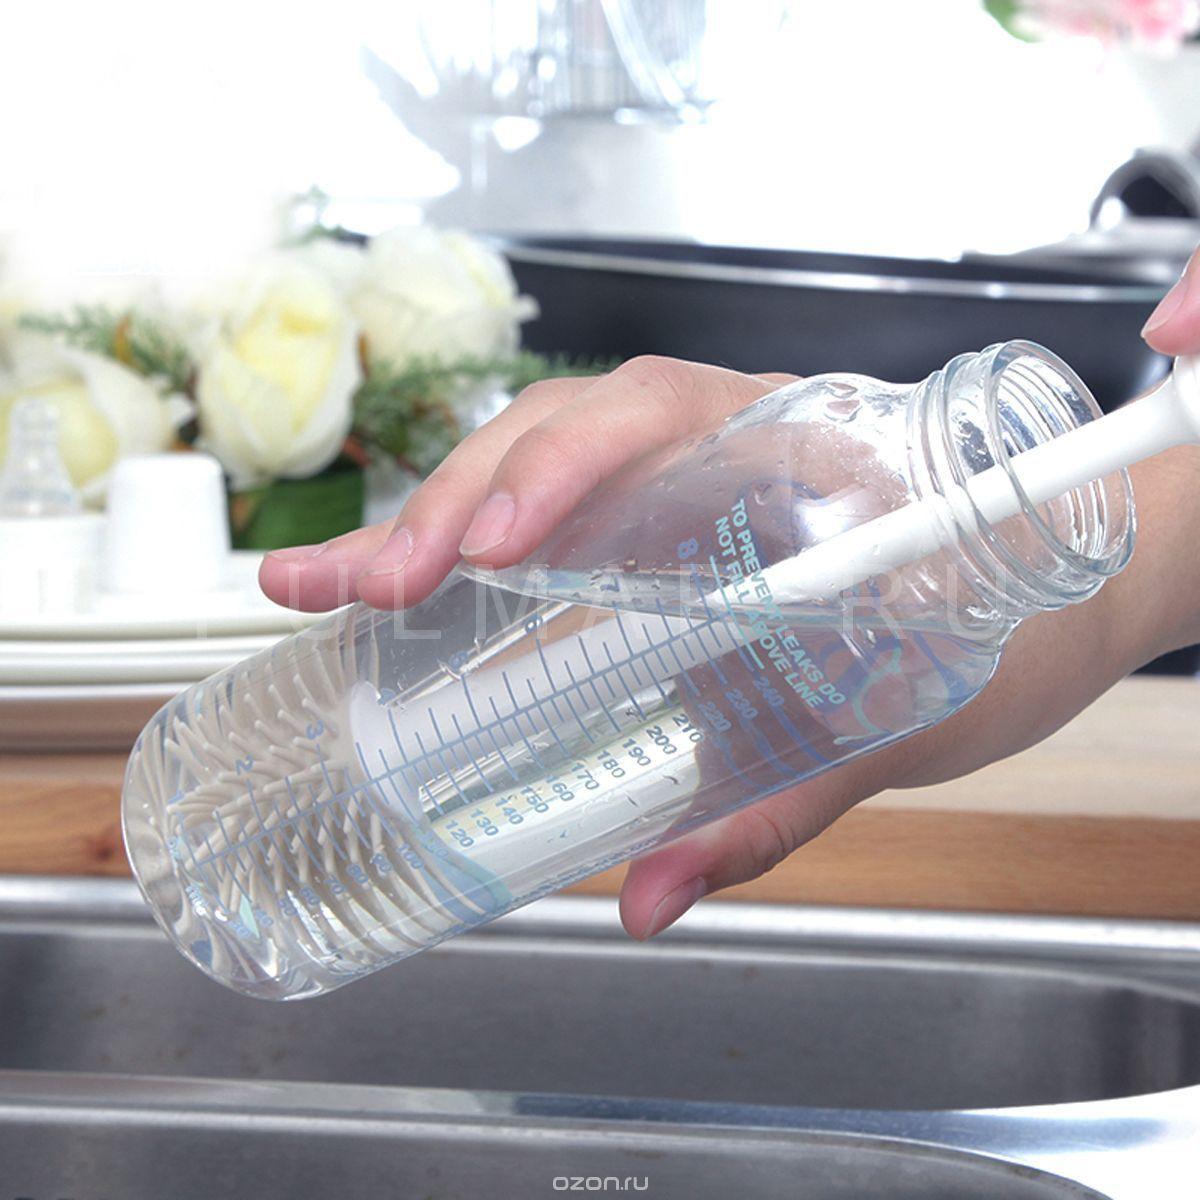 Силиконовый ершик для чистки маленьких детских бутылочек Boomjoy